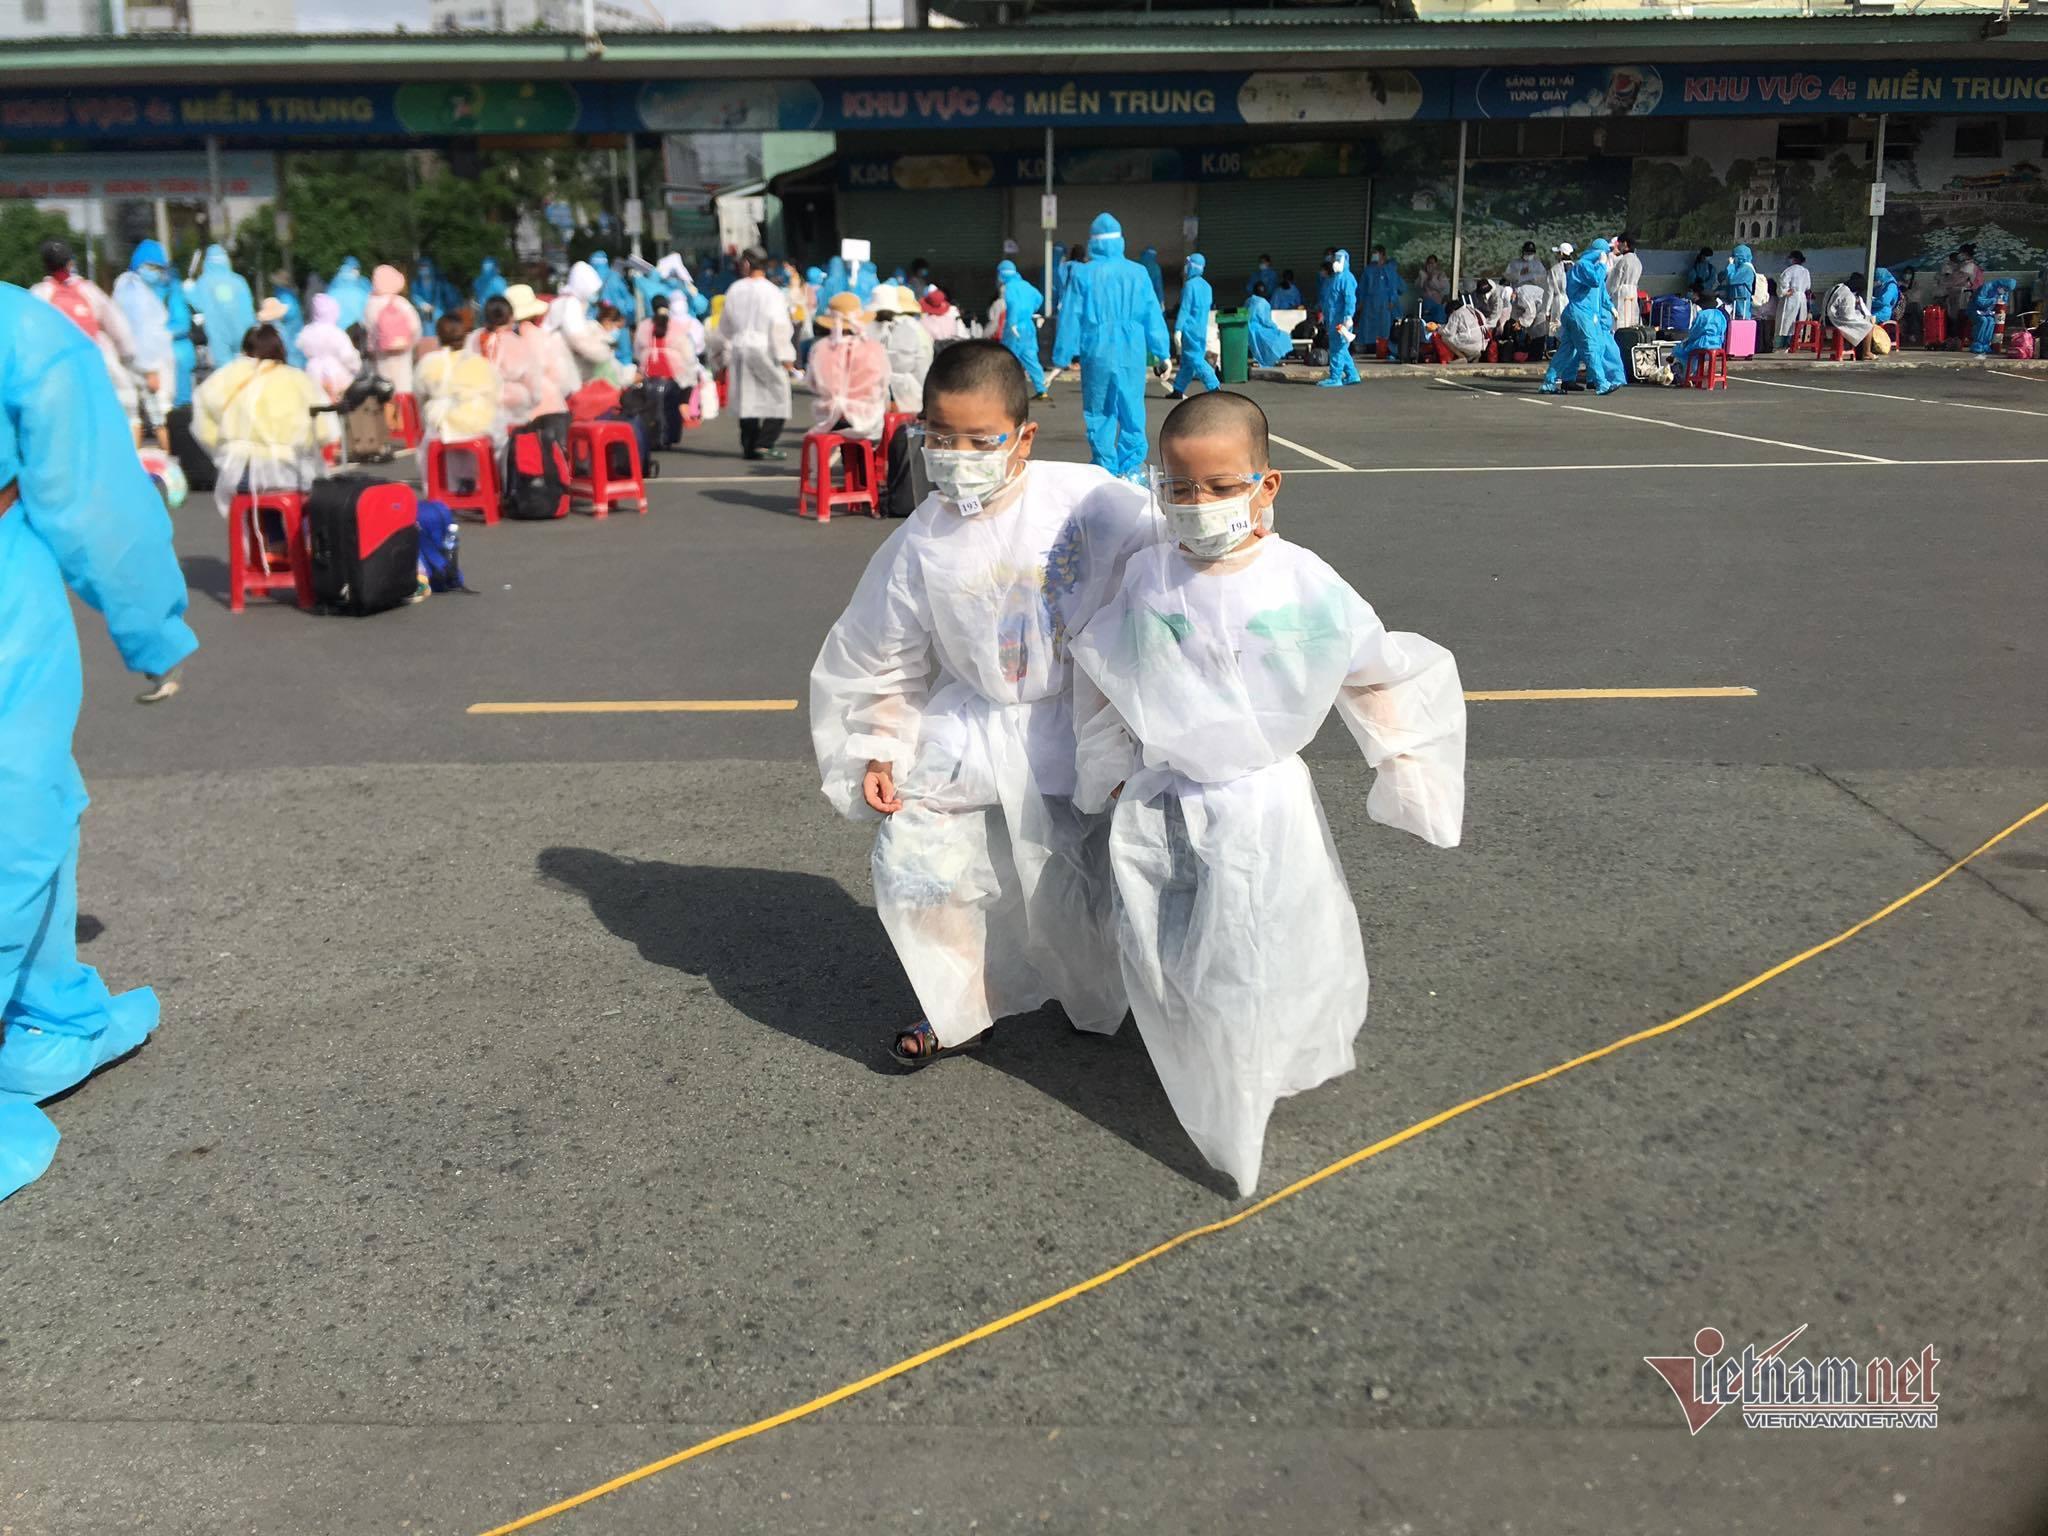 Phú Yên, Đắk Lắk tổ chức 'chuyến xe 0 đồng' đưa nghìn người rời TP.HCM về quê